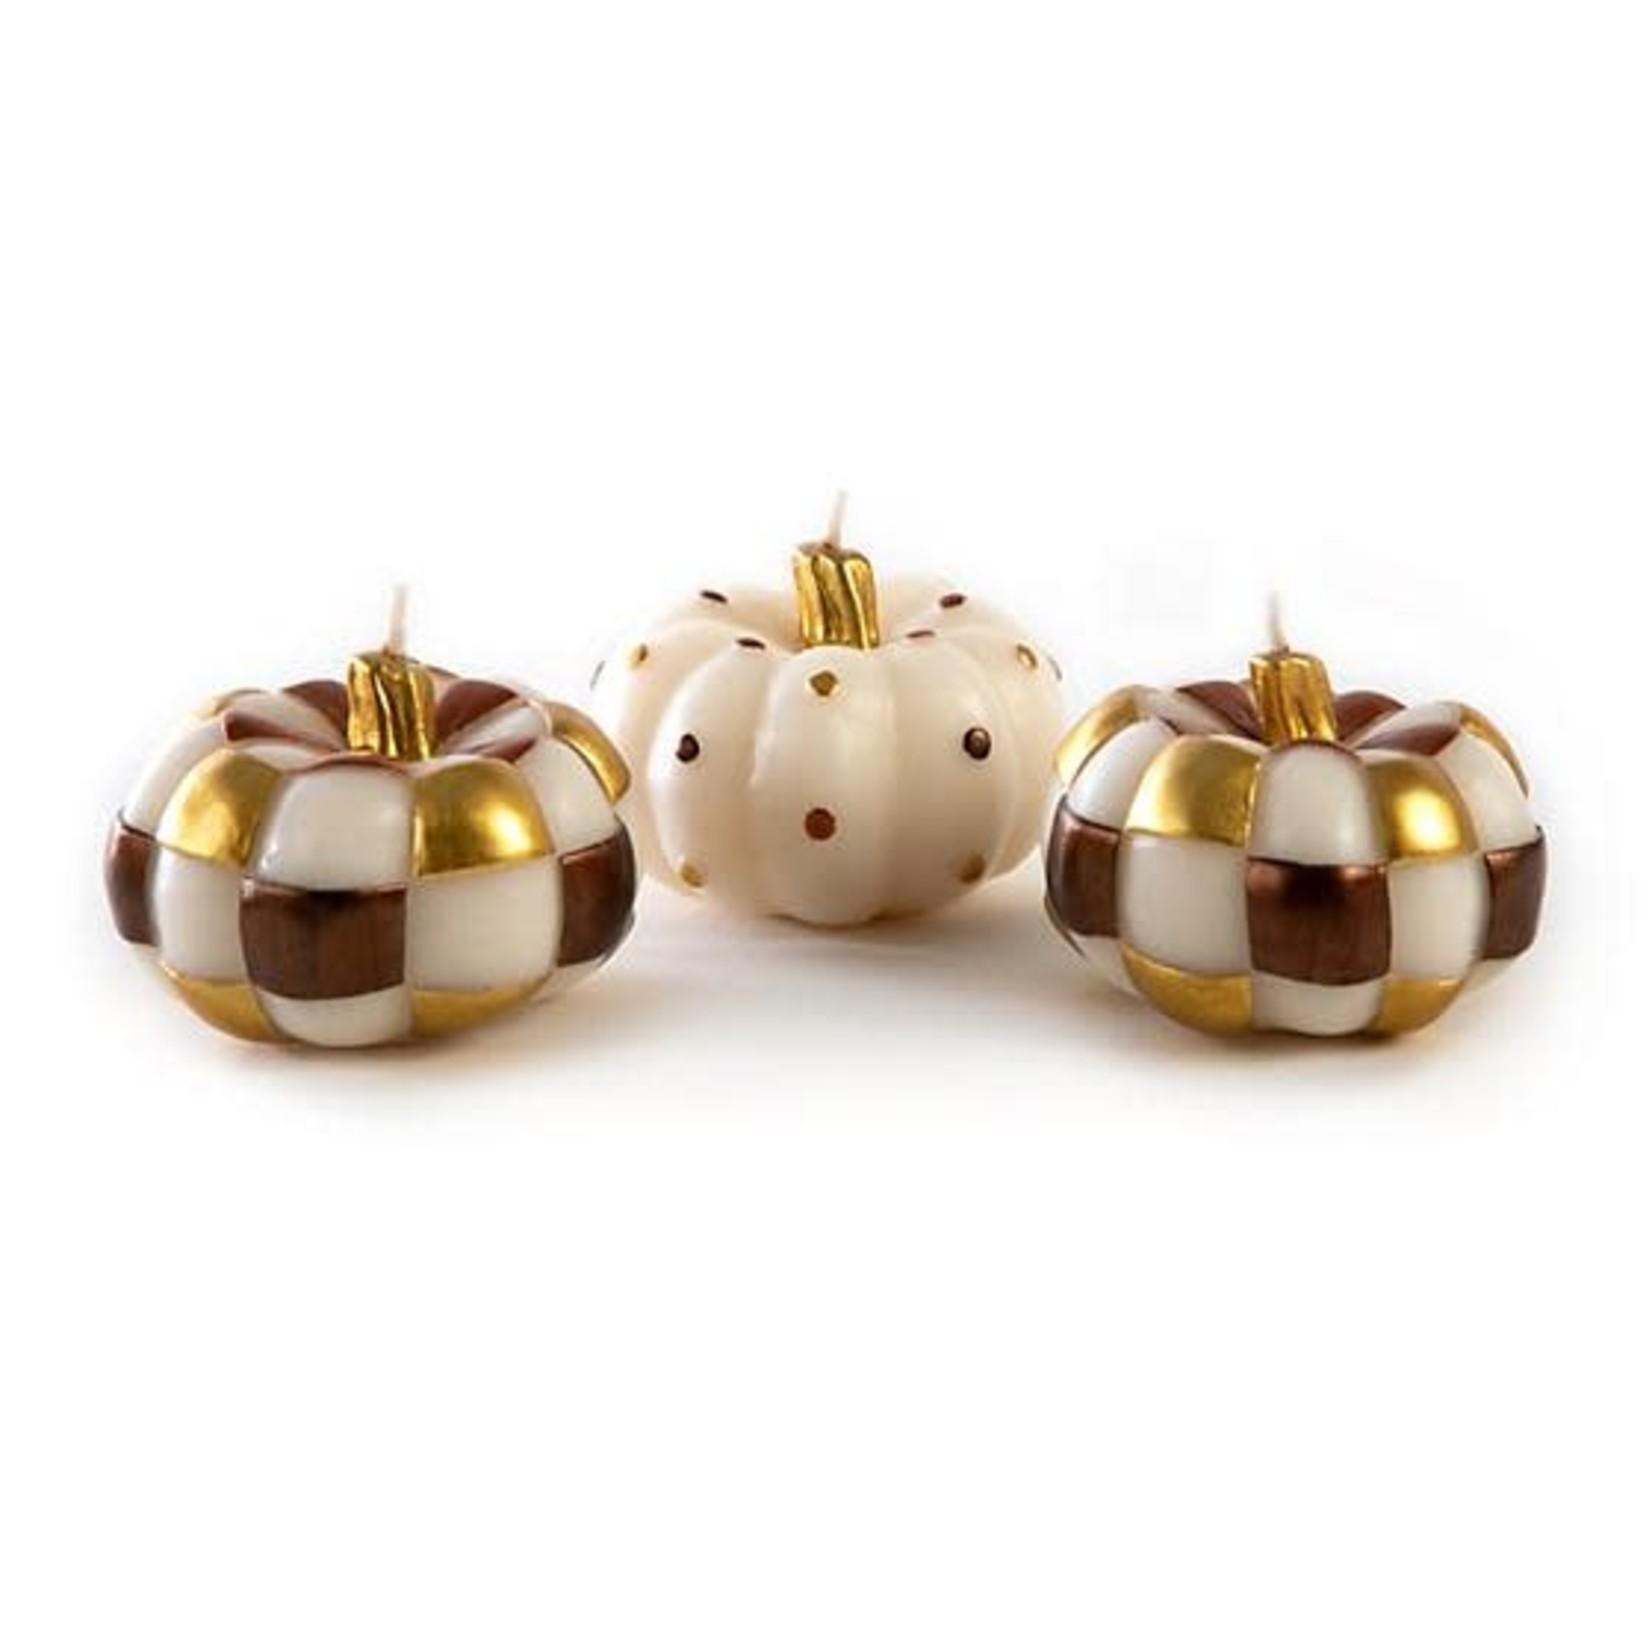 MacKenzie Childs Autumn Pumpkins Candles - Set of 3